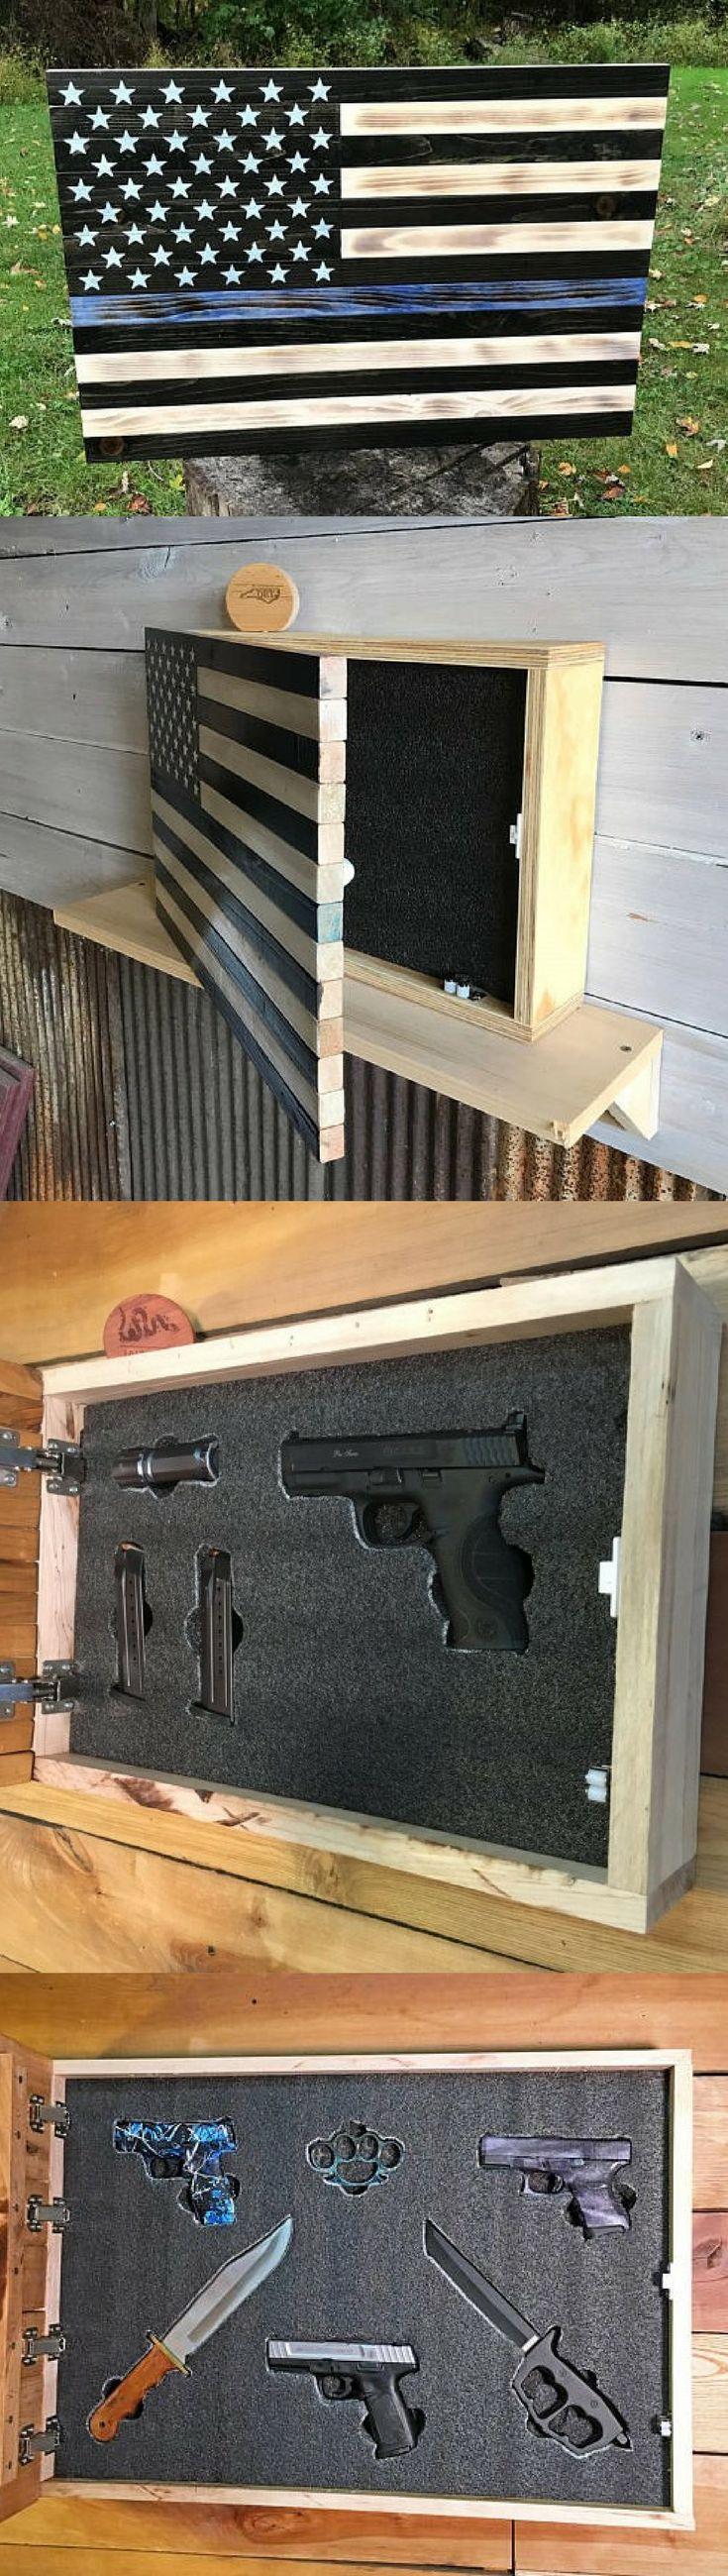 Gun Concealment Cabinet   Thin Blue Line Locking Hidden Gun Cabinet   Gun Storage   Gun Rack   Gun Case   Gun Safe American Flag   Gift For Him #ad #case #safe #safety #safetyfirst #thinblueline #conceal #concealment #wallhanging #flag #americanstyle #police